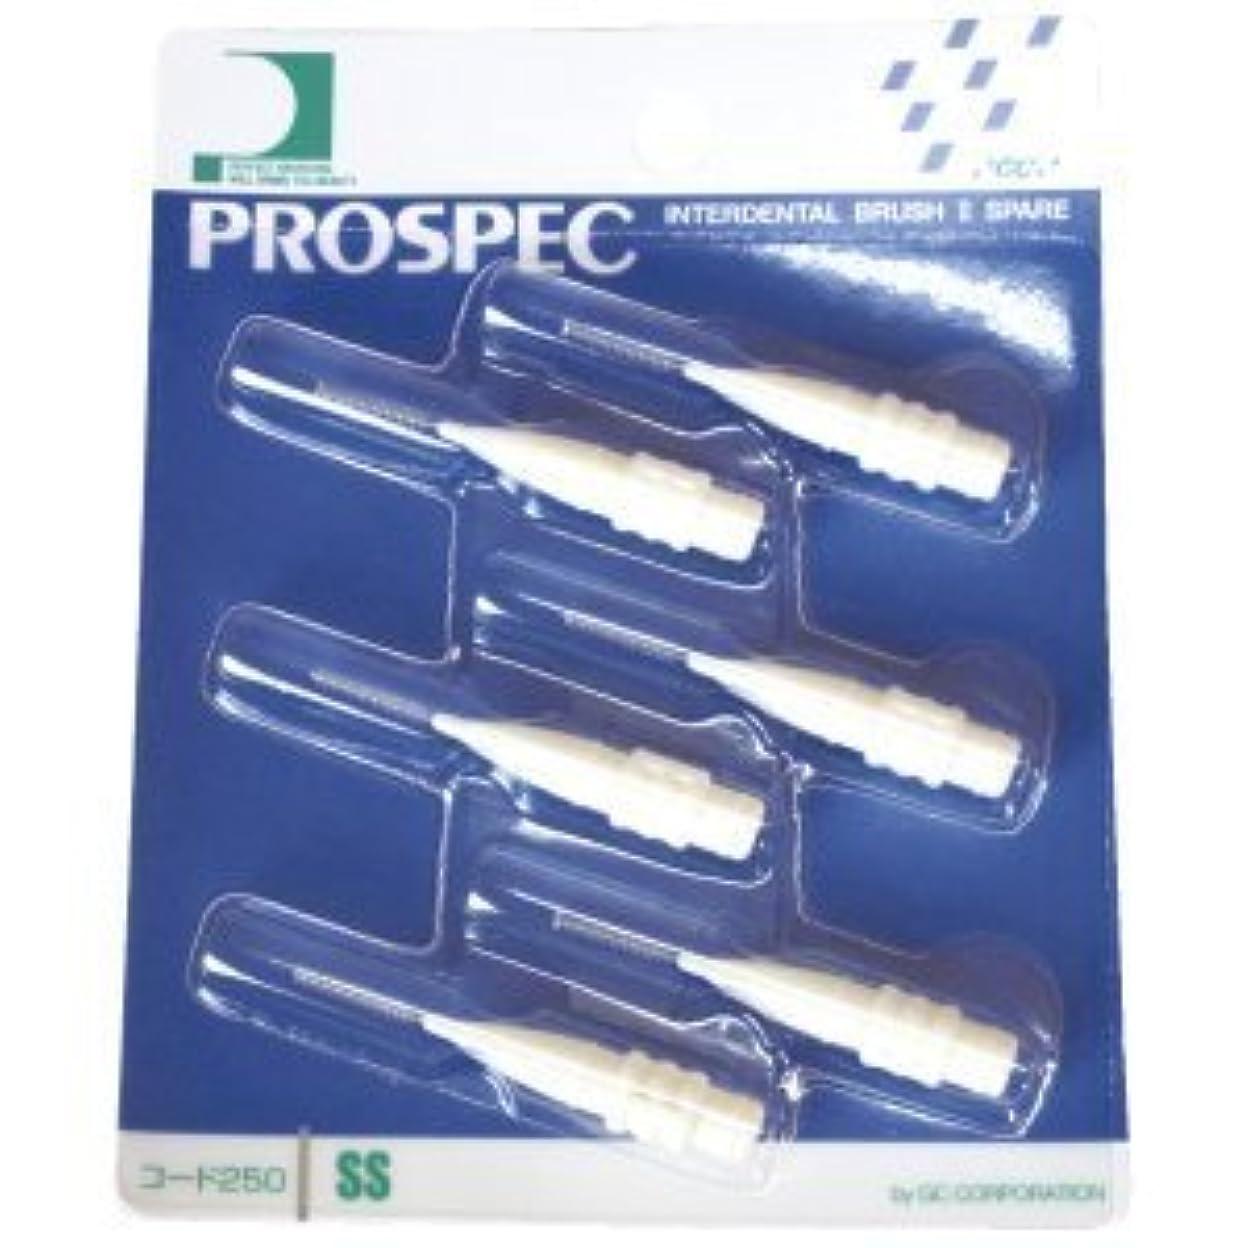 色衰える壊れたプロスペック 歯間ブラシII スペアー/SS/1パック(6本入り)